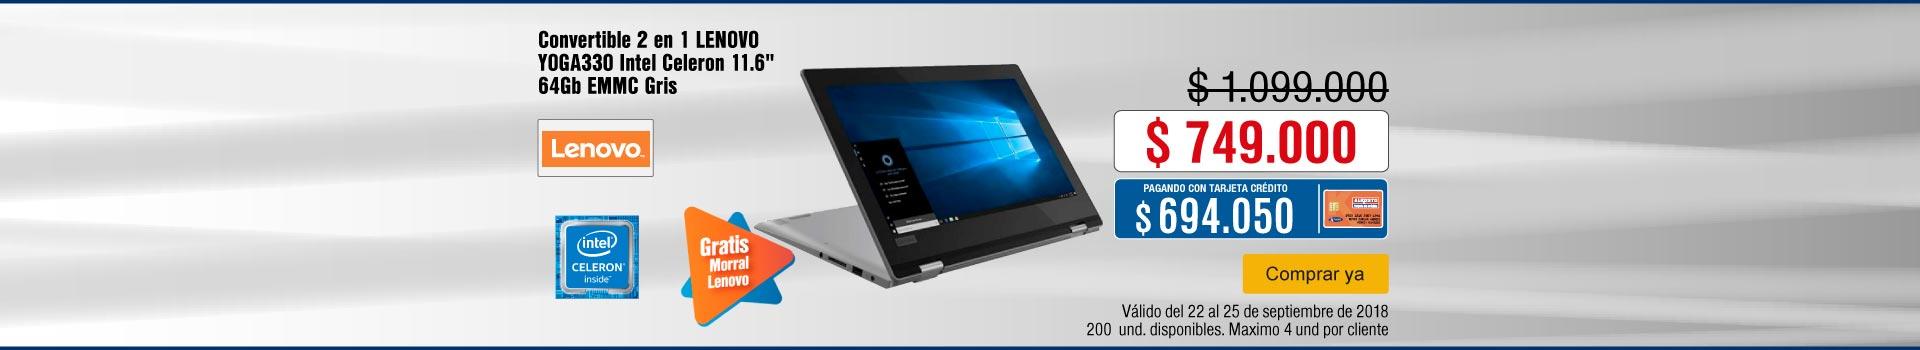 AK-KT-BCAT-3-computadores y tablets-PP---Lenovo-2en1 YOGA330-Sep22